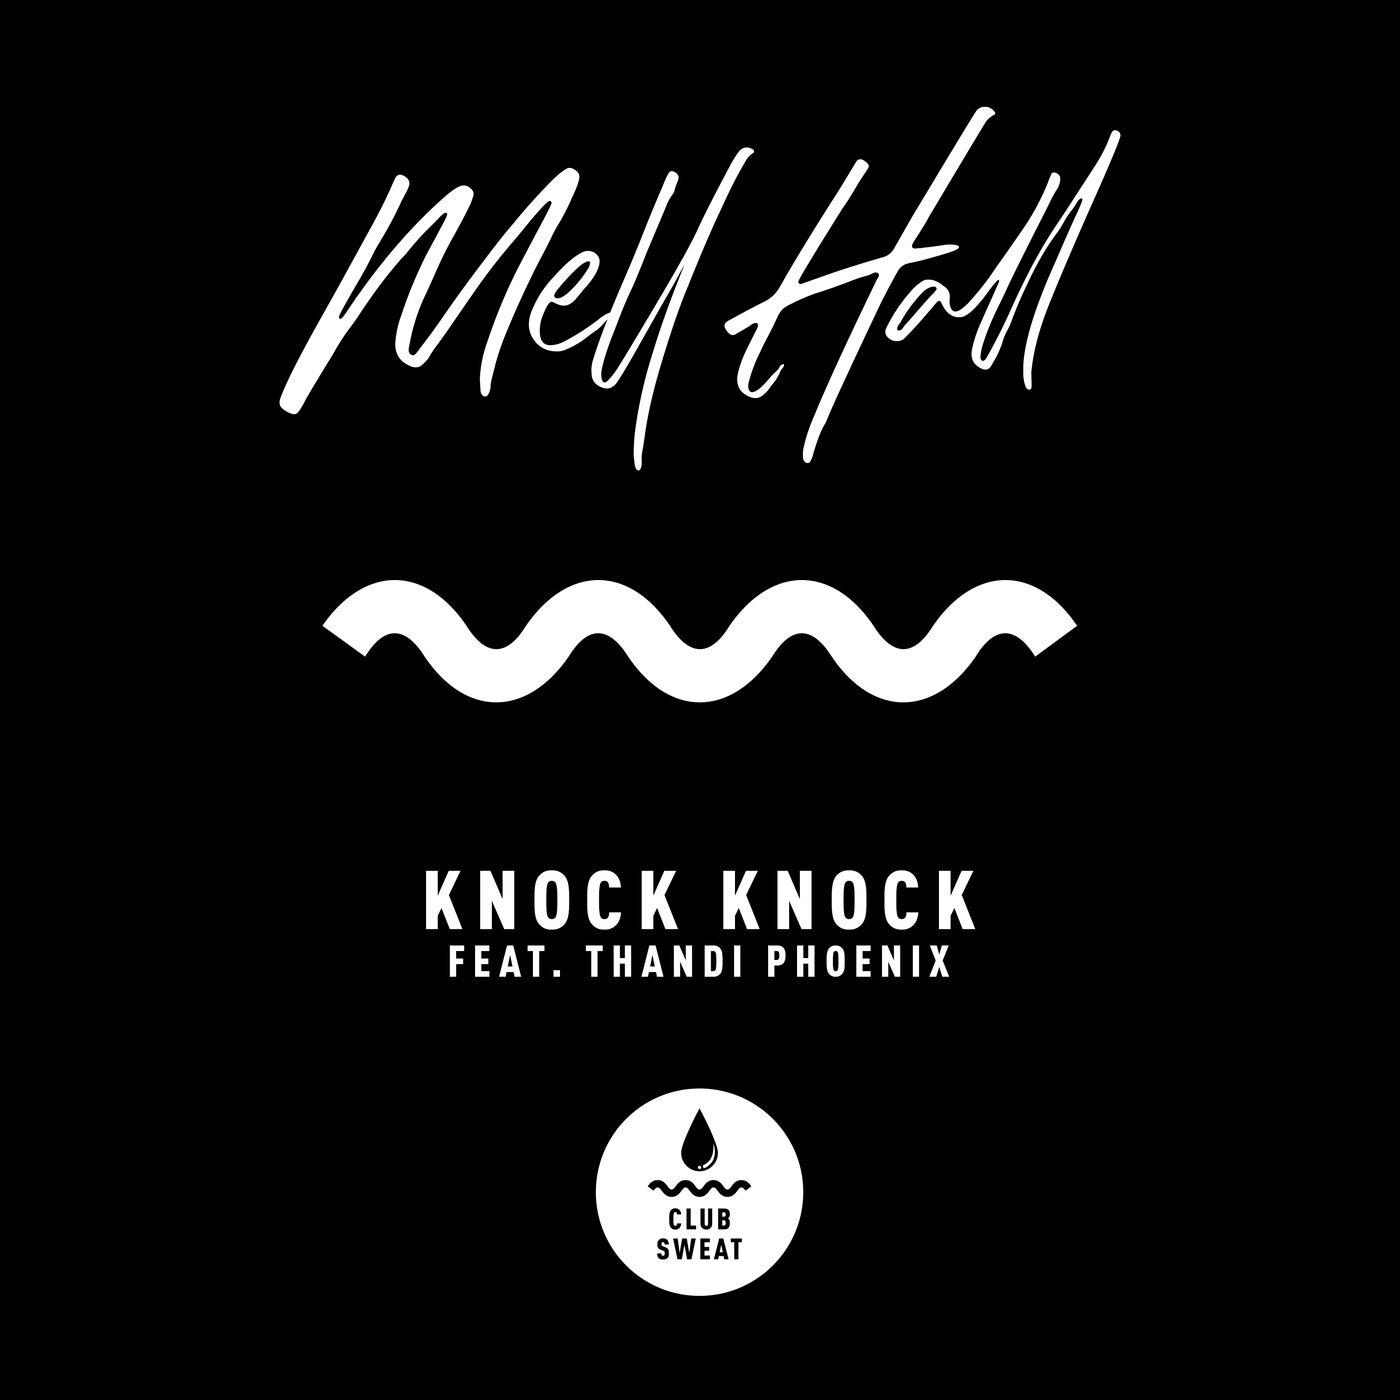 Knock Knock Feat. Thandi Phoenix (Extended Mix)